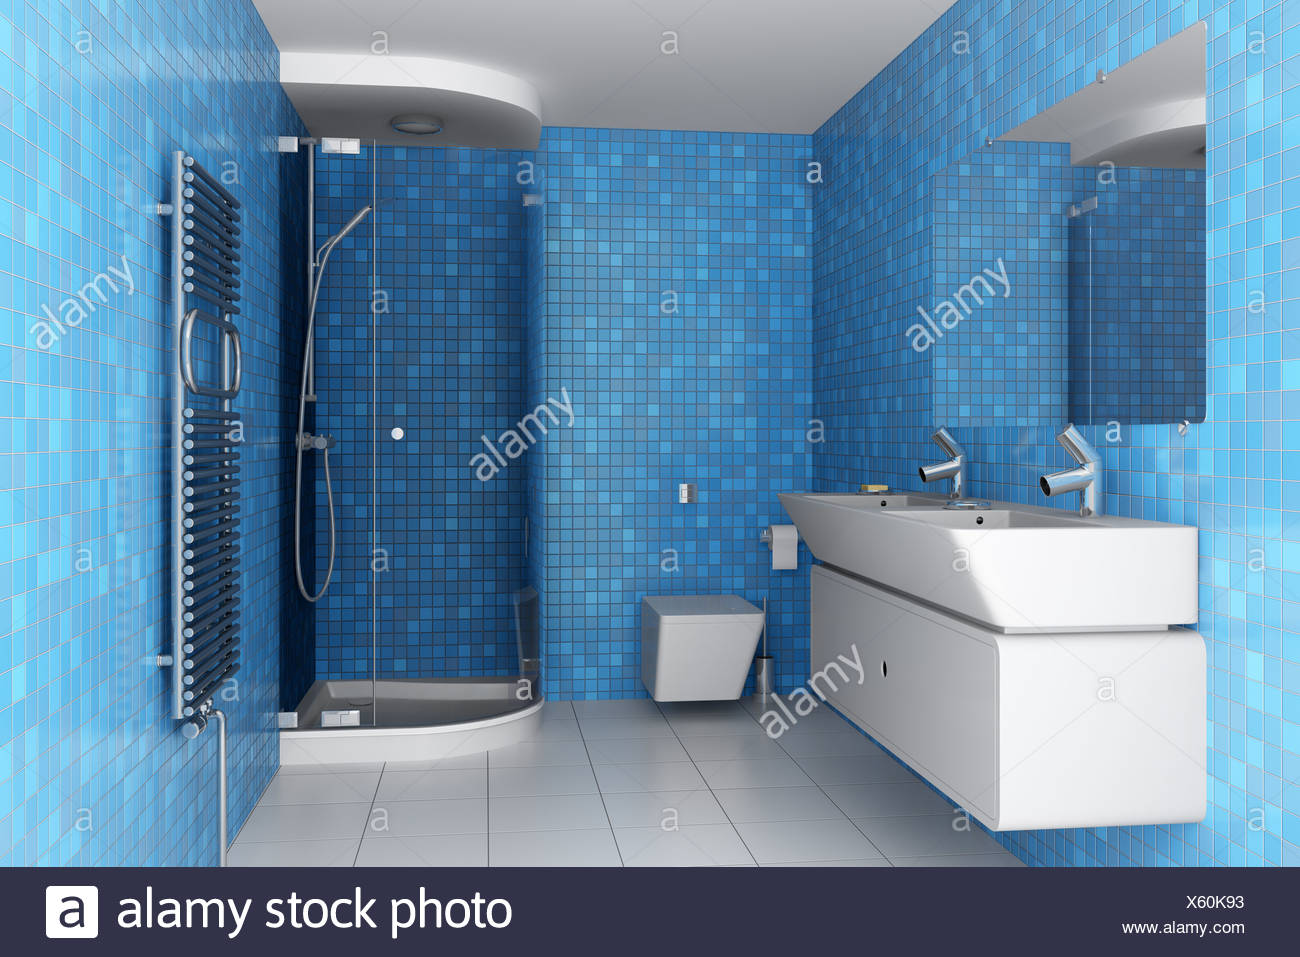 Bathroom Blue Tiles On Wall Stock Photos & Bathroom Blue Tiles On ...